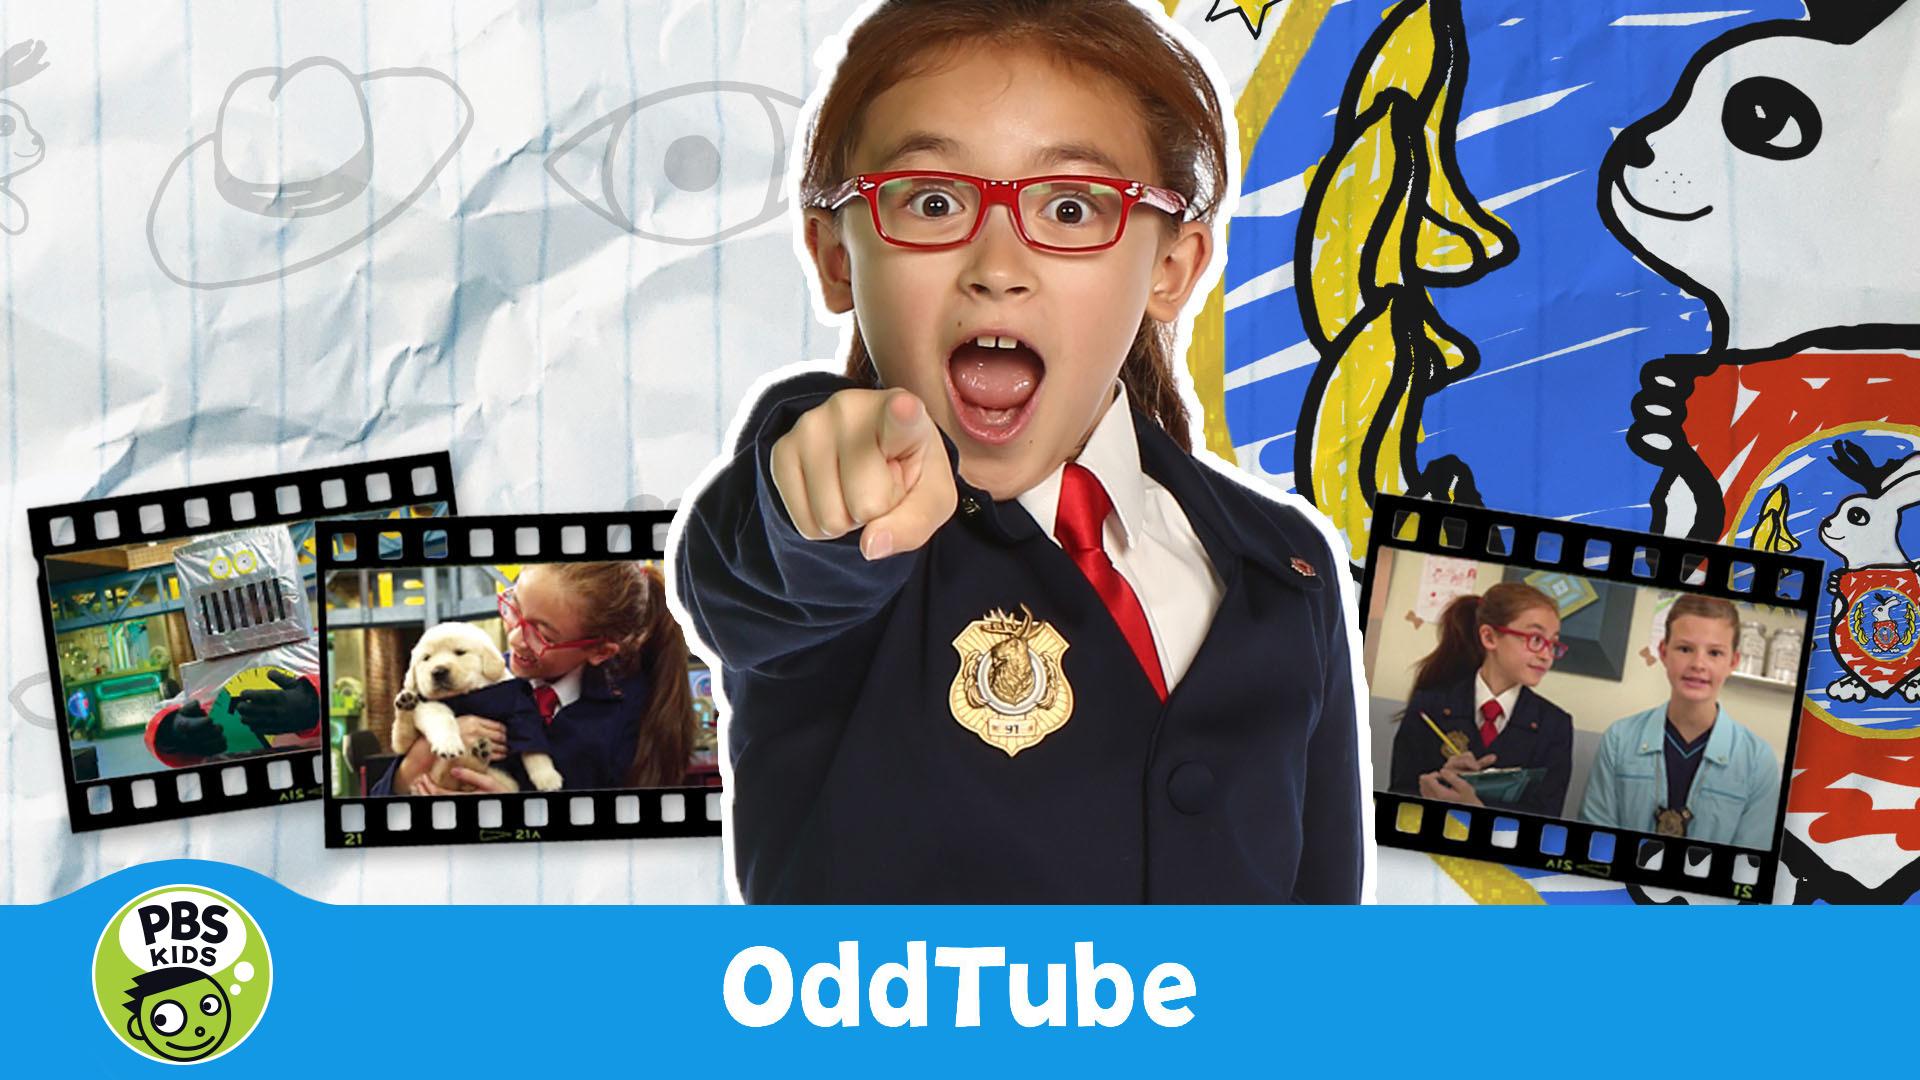 Odd Squad: OddTube: Season 1